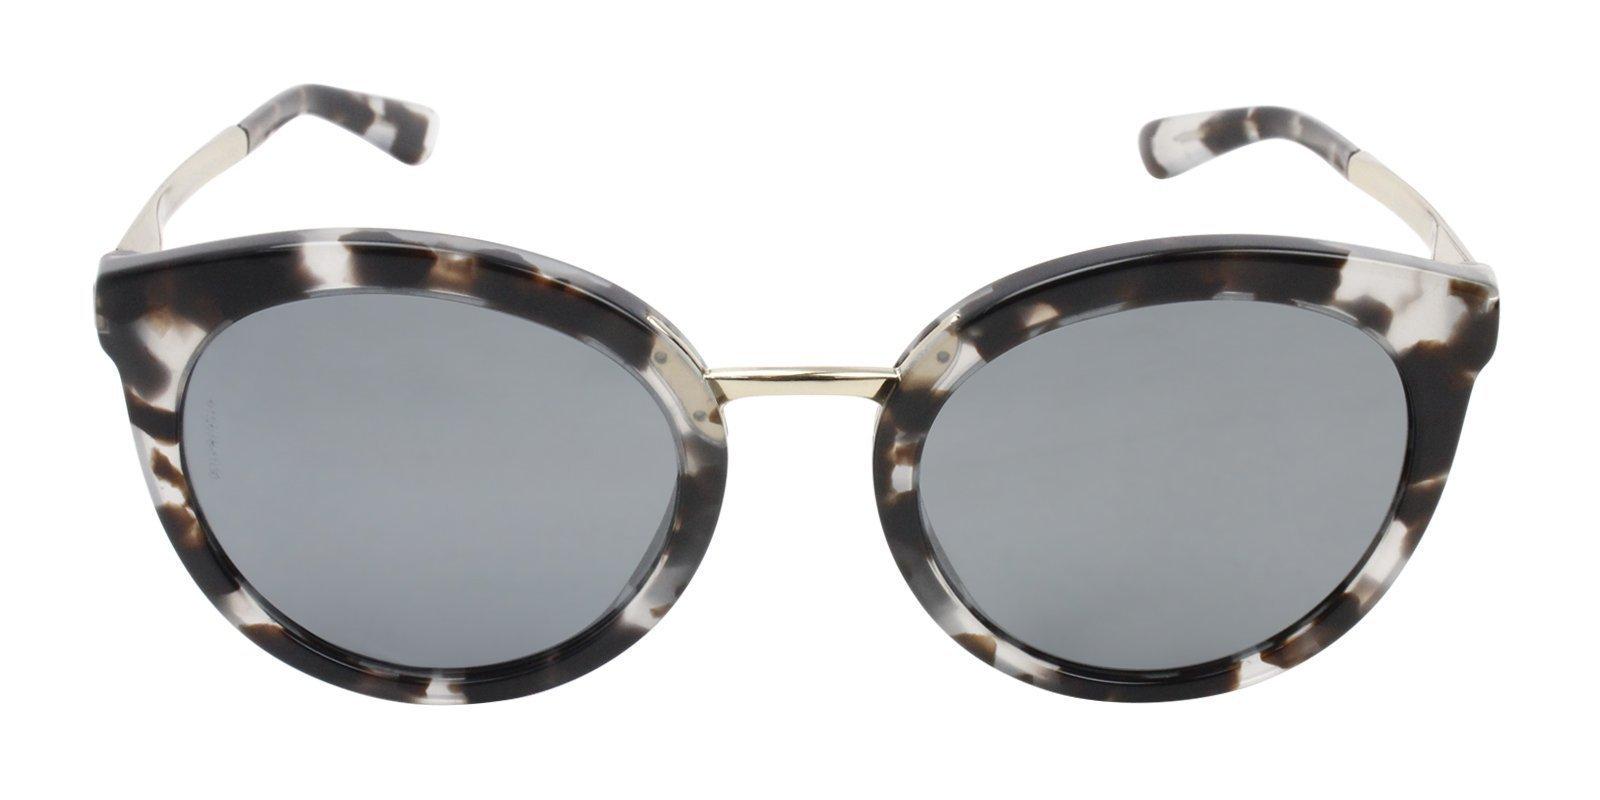 5742a28e82f Dolce Gabbana - DG4268 Tortoise - Gray sunglasses